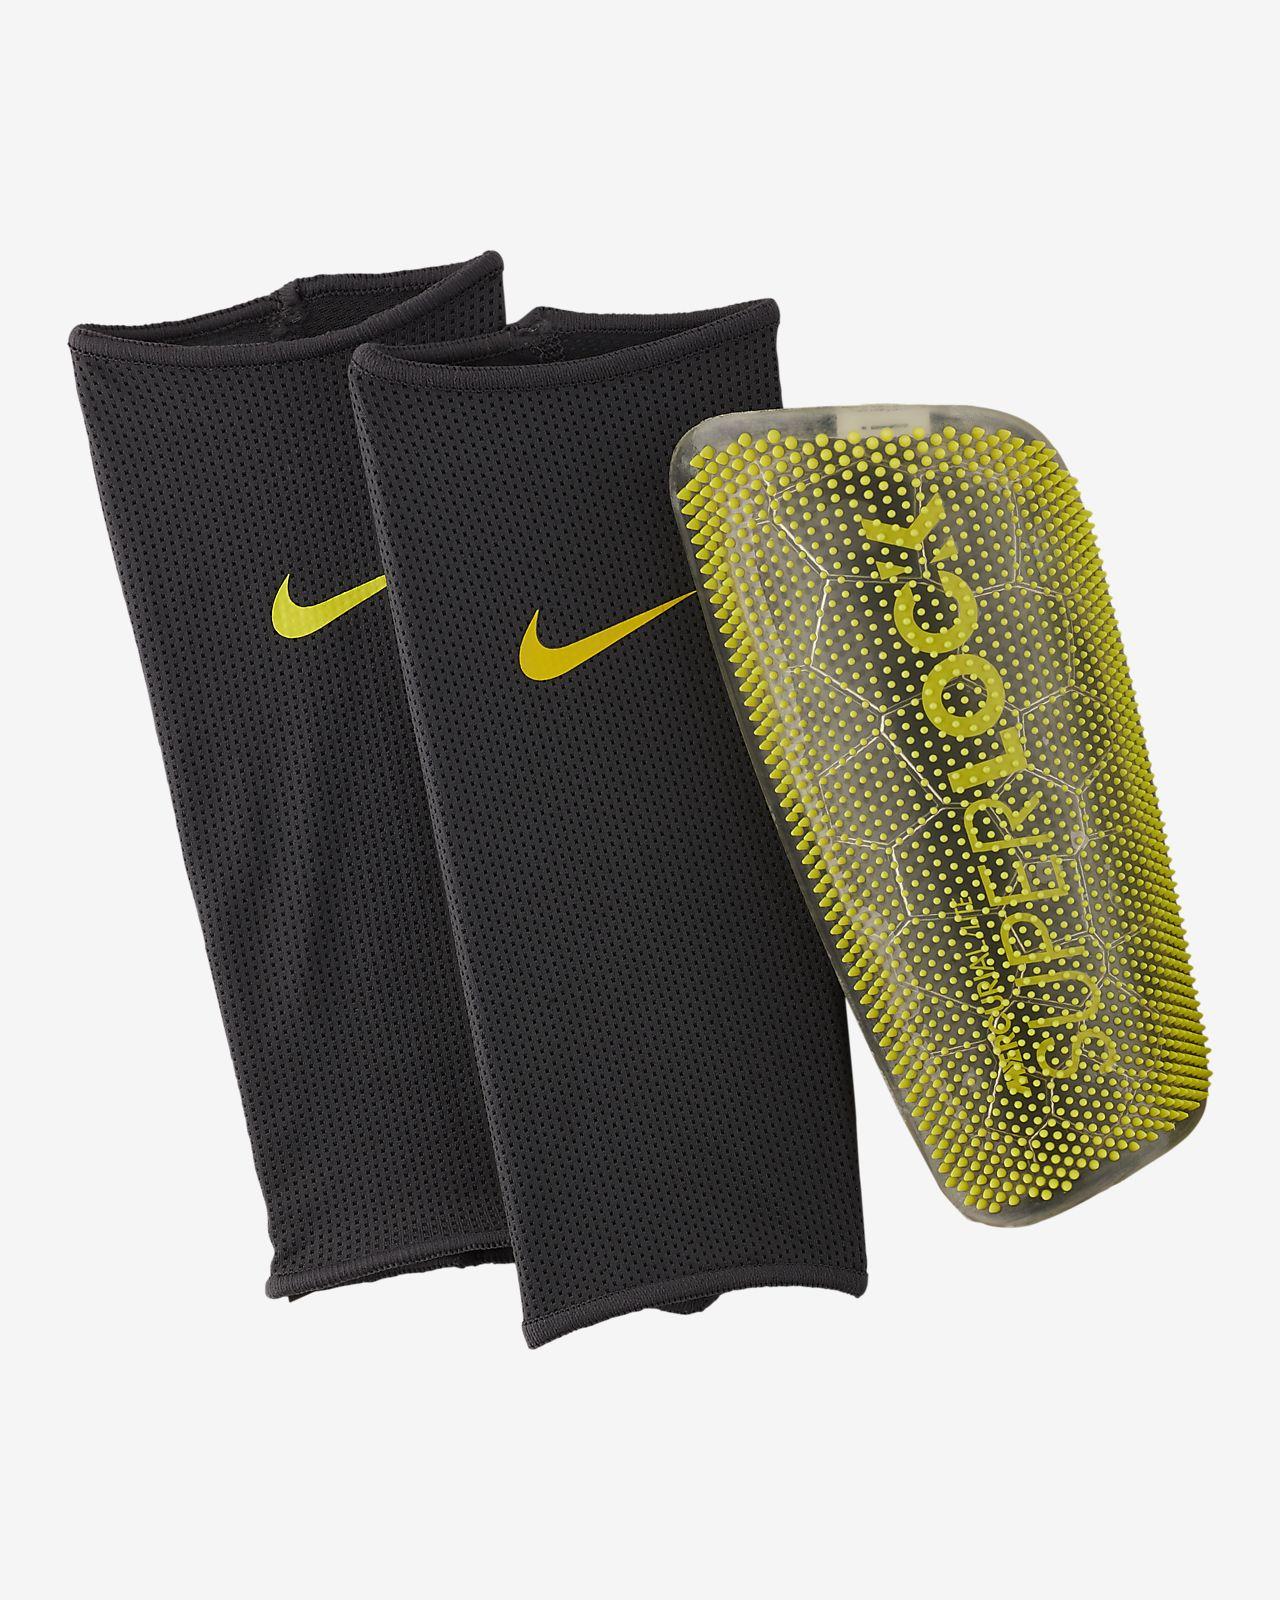 สนับแข้งฟุตบอล Nike Mercurial Lite SuperLock